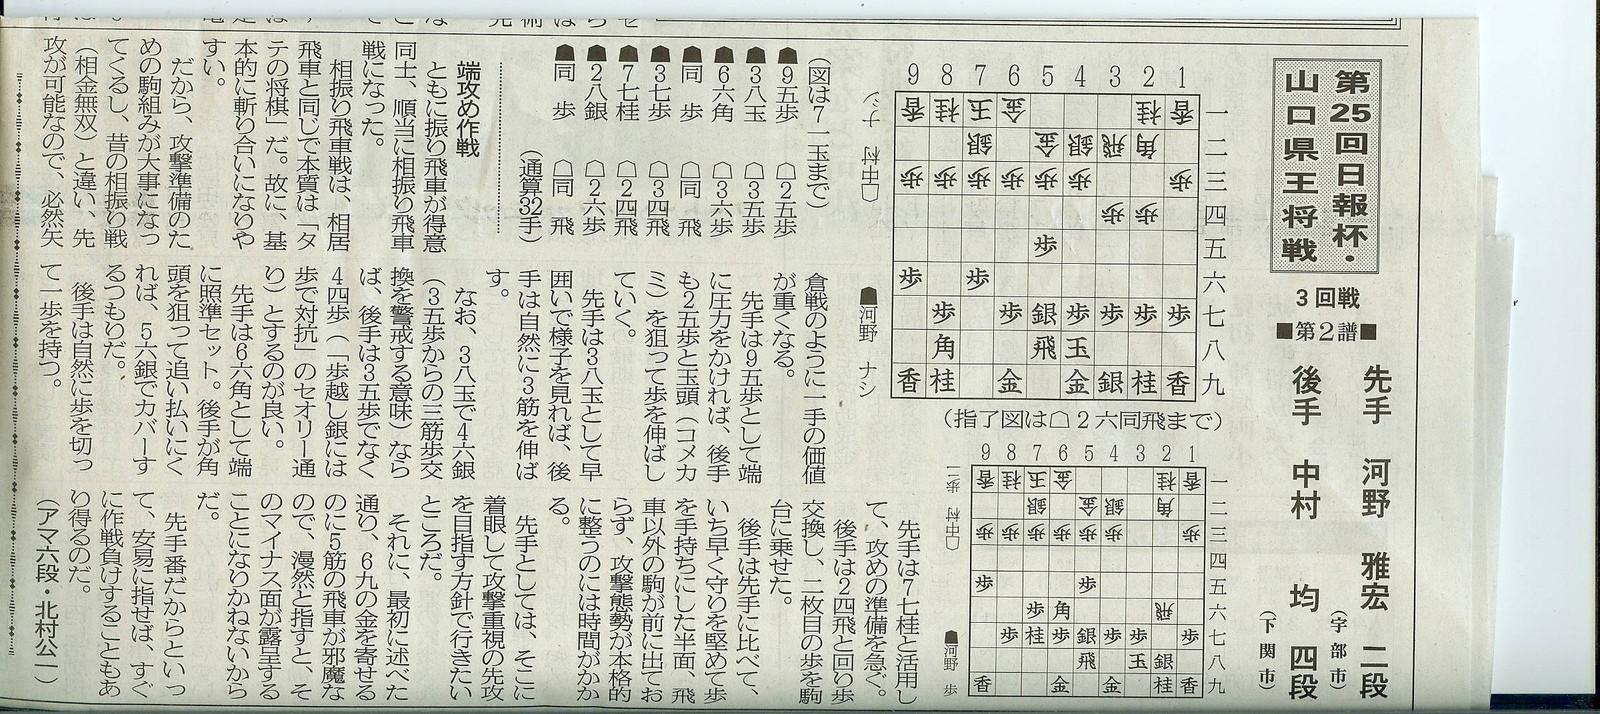 第25回日報杯・山口県王将戦第3回戦■第2譜■